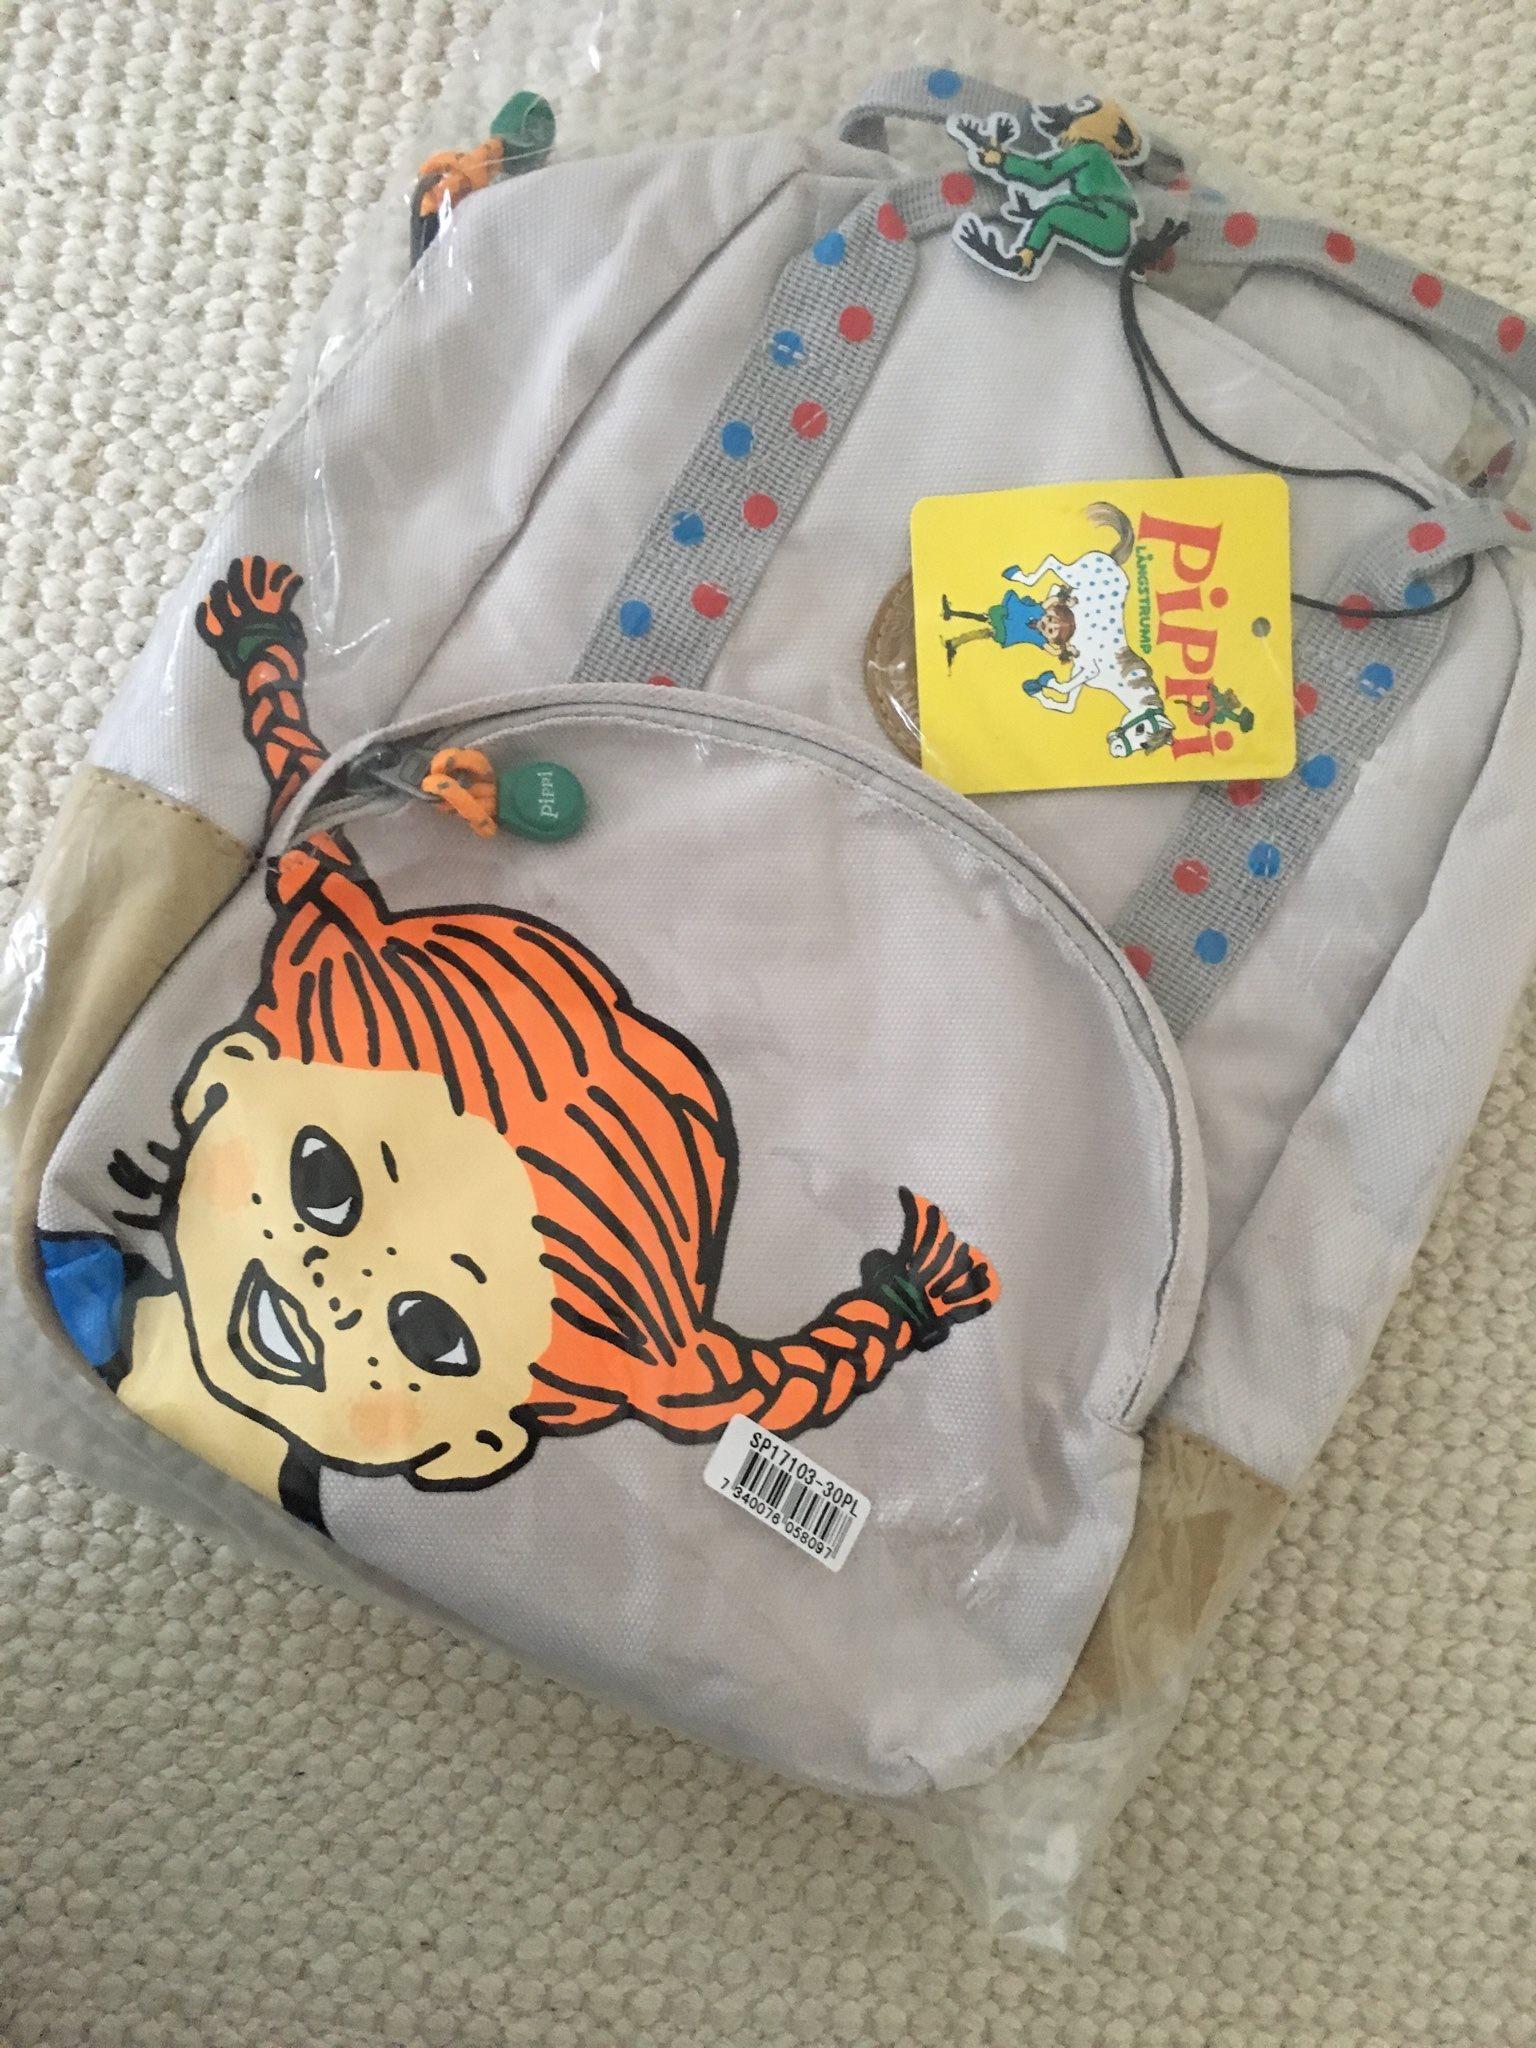 Ny ryggsäck väska backpack Pippi Långstrump (330451237) ᐈ Köp på ... f31f80b0a0f10